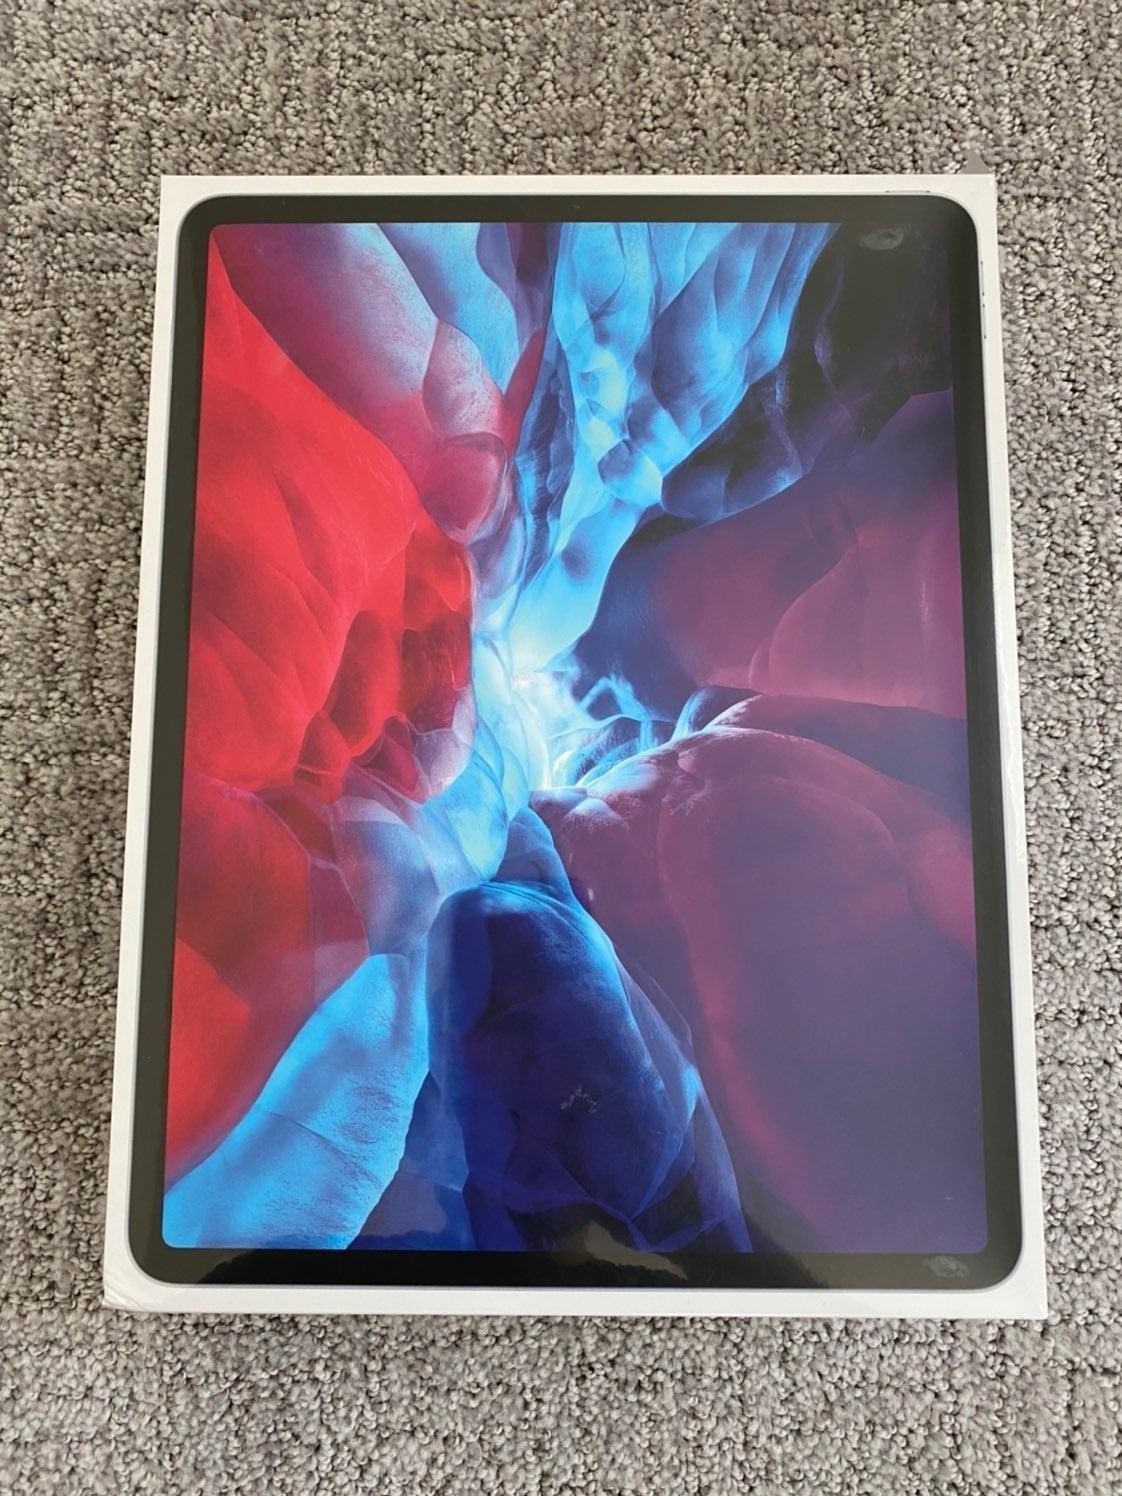 NEW iPad Pro 12.9 inch 1tb WiFi/LTE